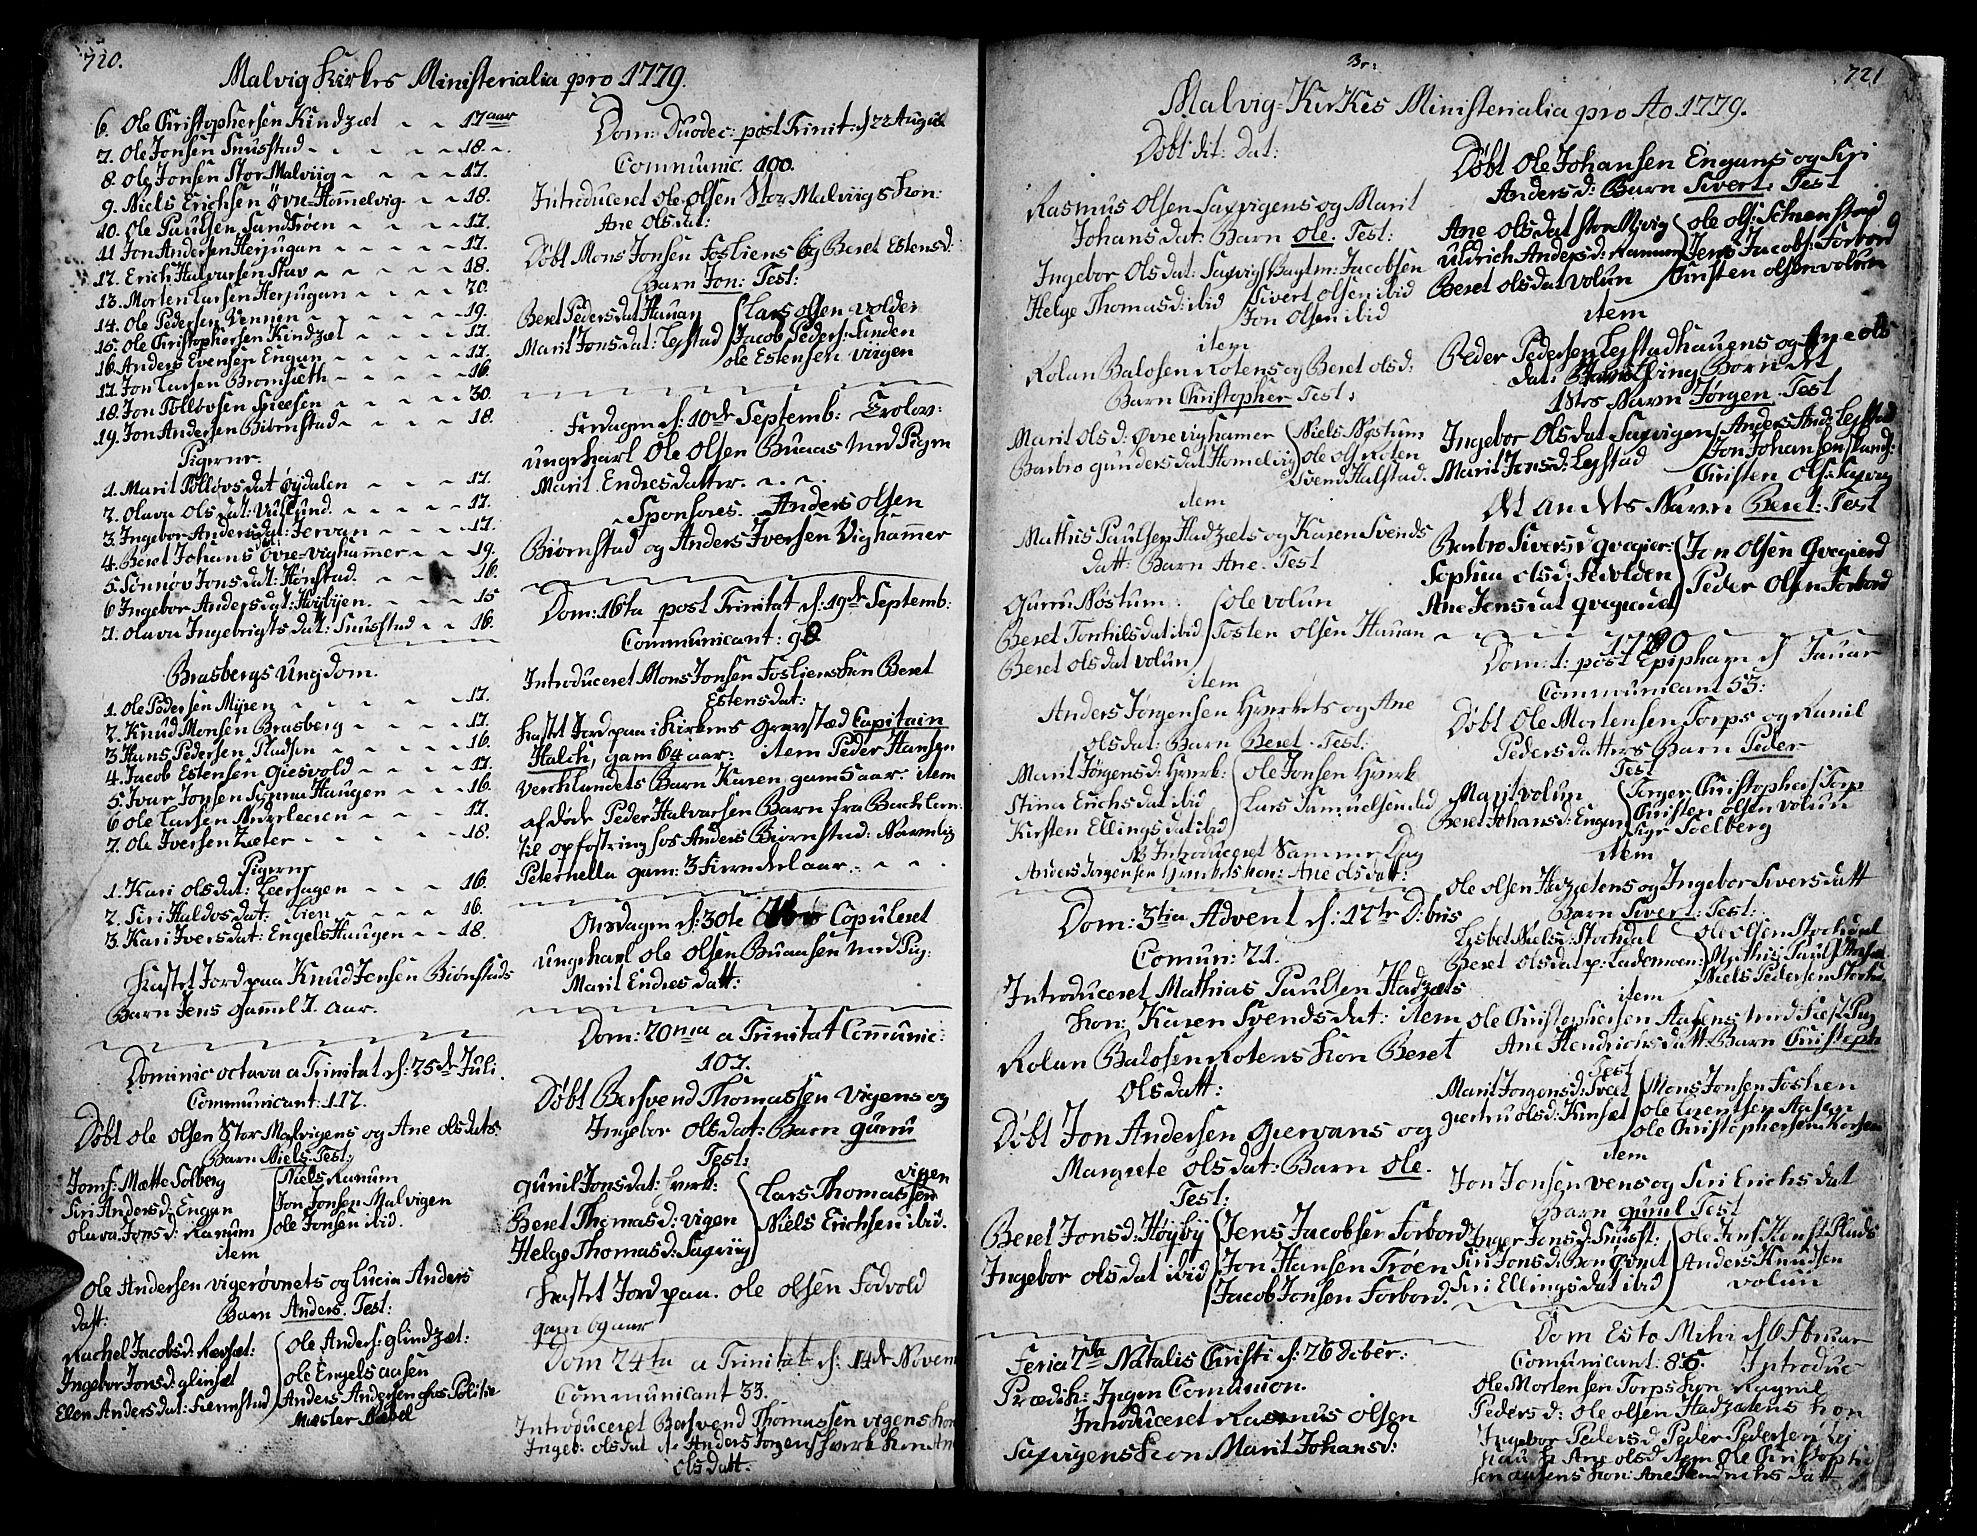 SAT, Ministerialprotokoller, klokkerbøker og fødselsregistre - Sør-Trøndelag, 606/L0277: Ministerialbok nr. 606A01 /3, 1727-1780, s. 720-721